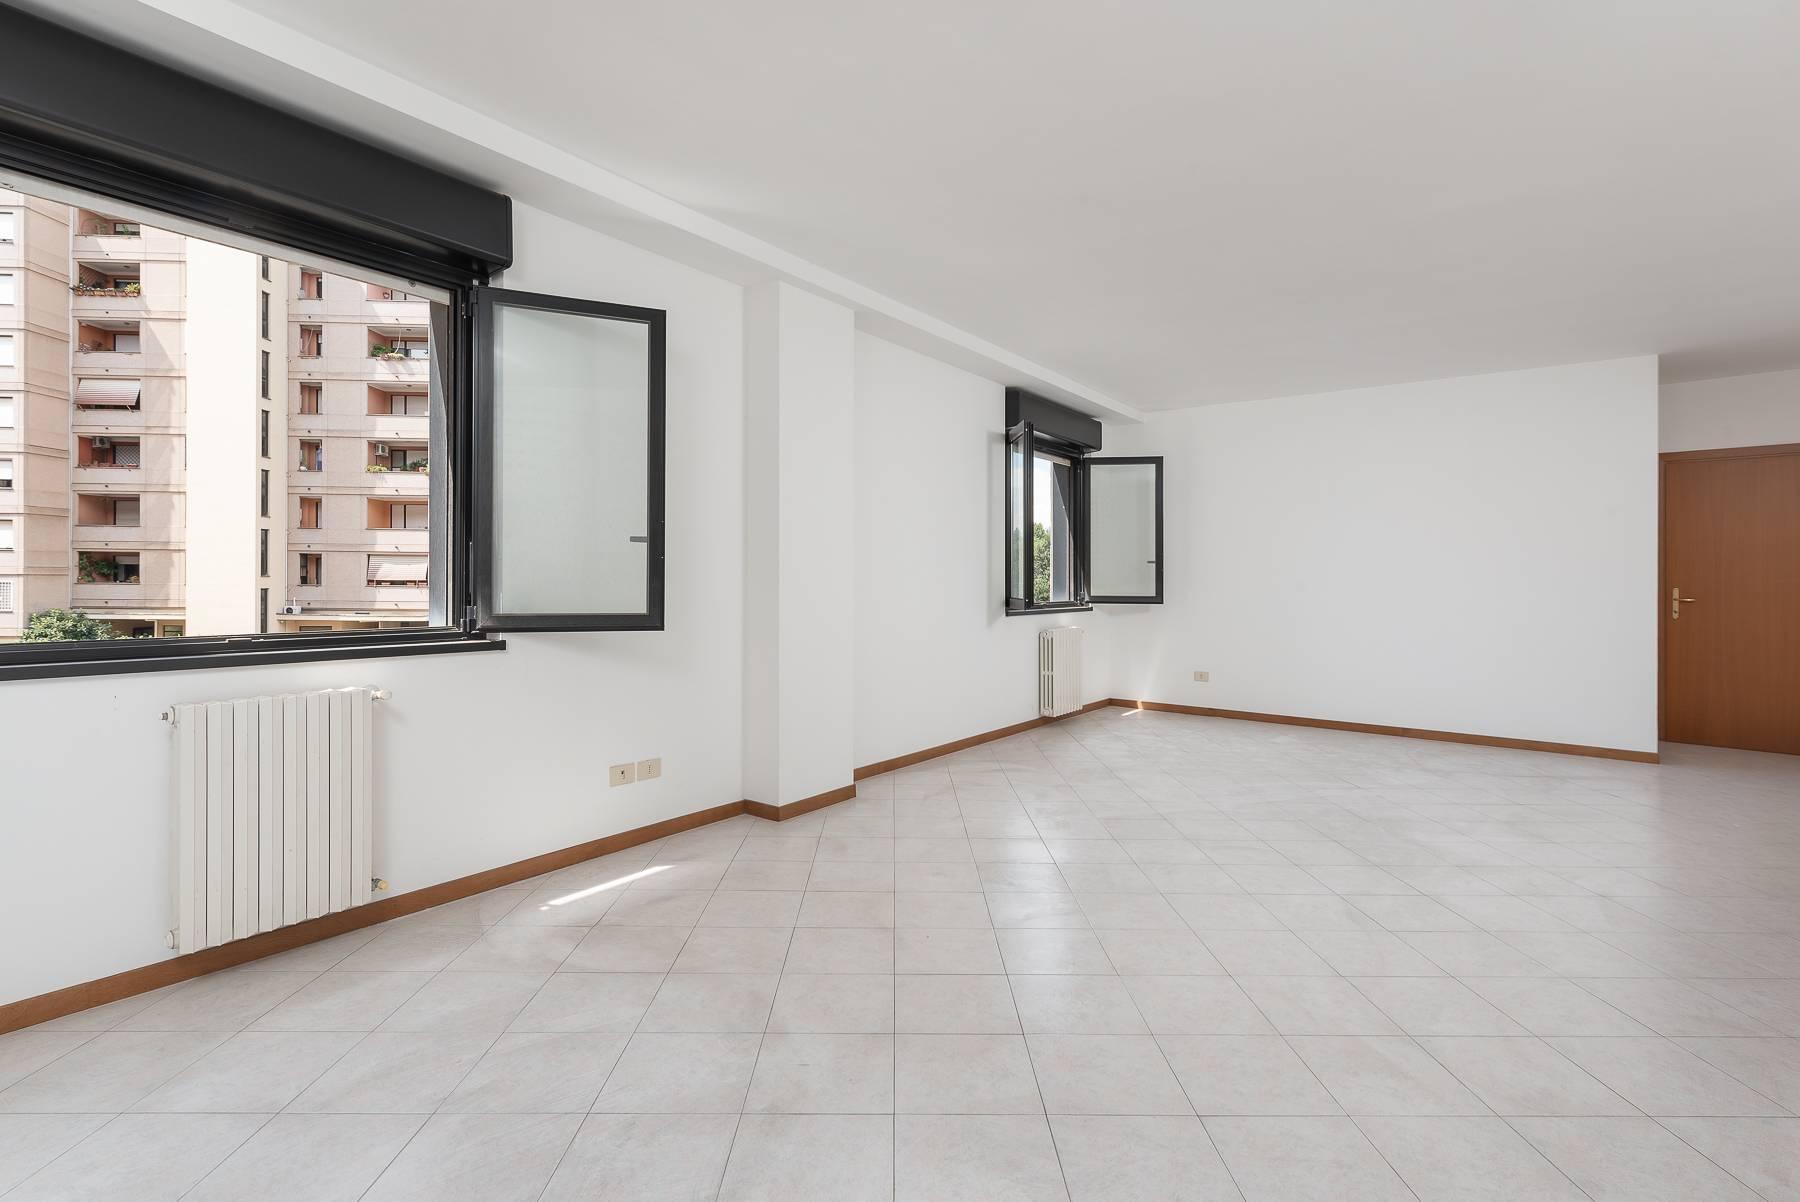 Appartamento in Vendita a Roma: 3 locali, 101 mq - Foto 3